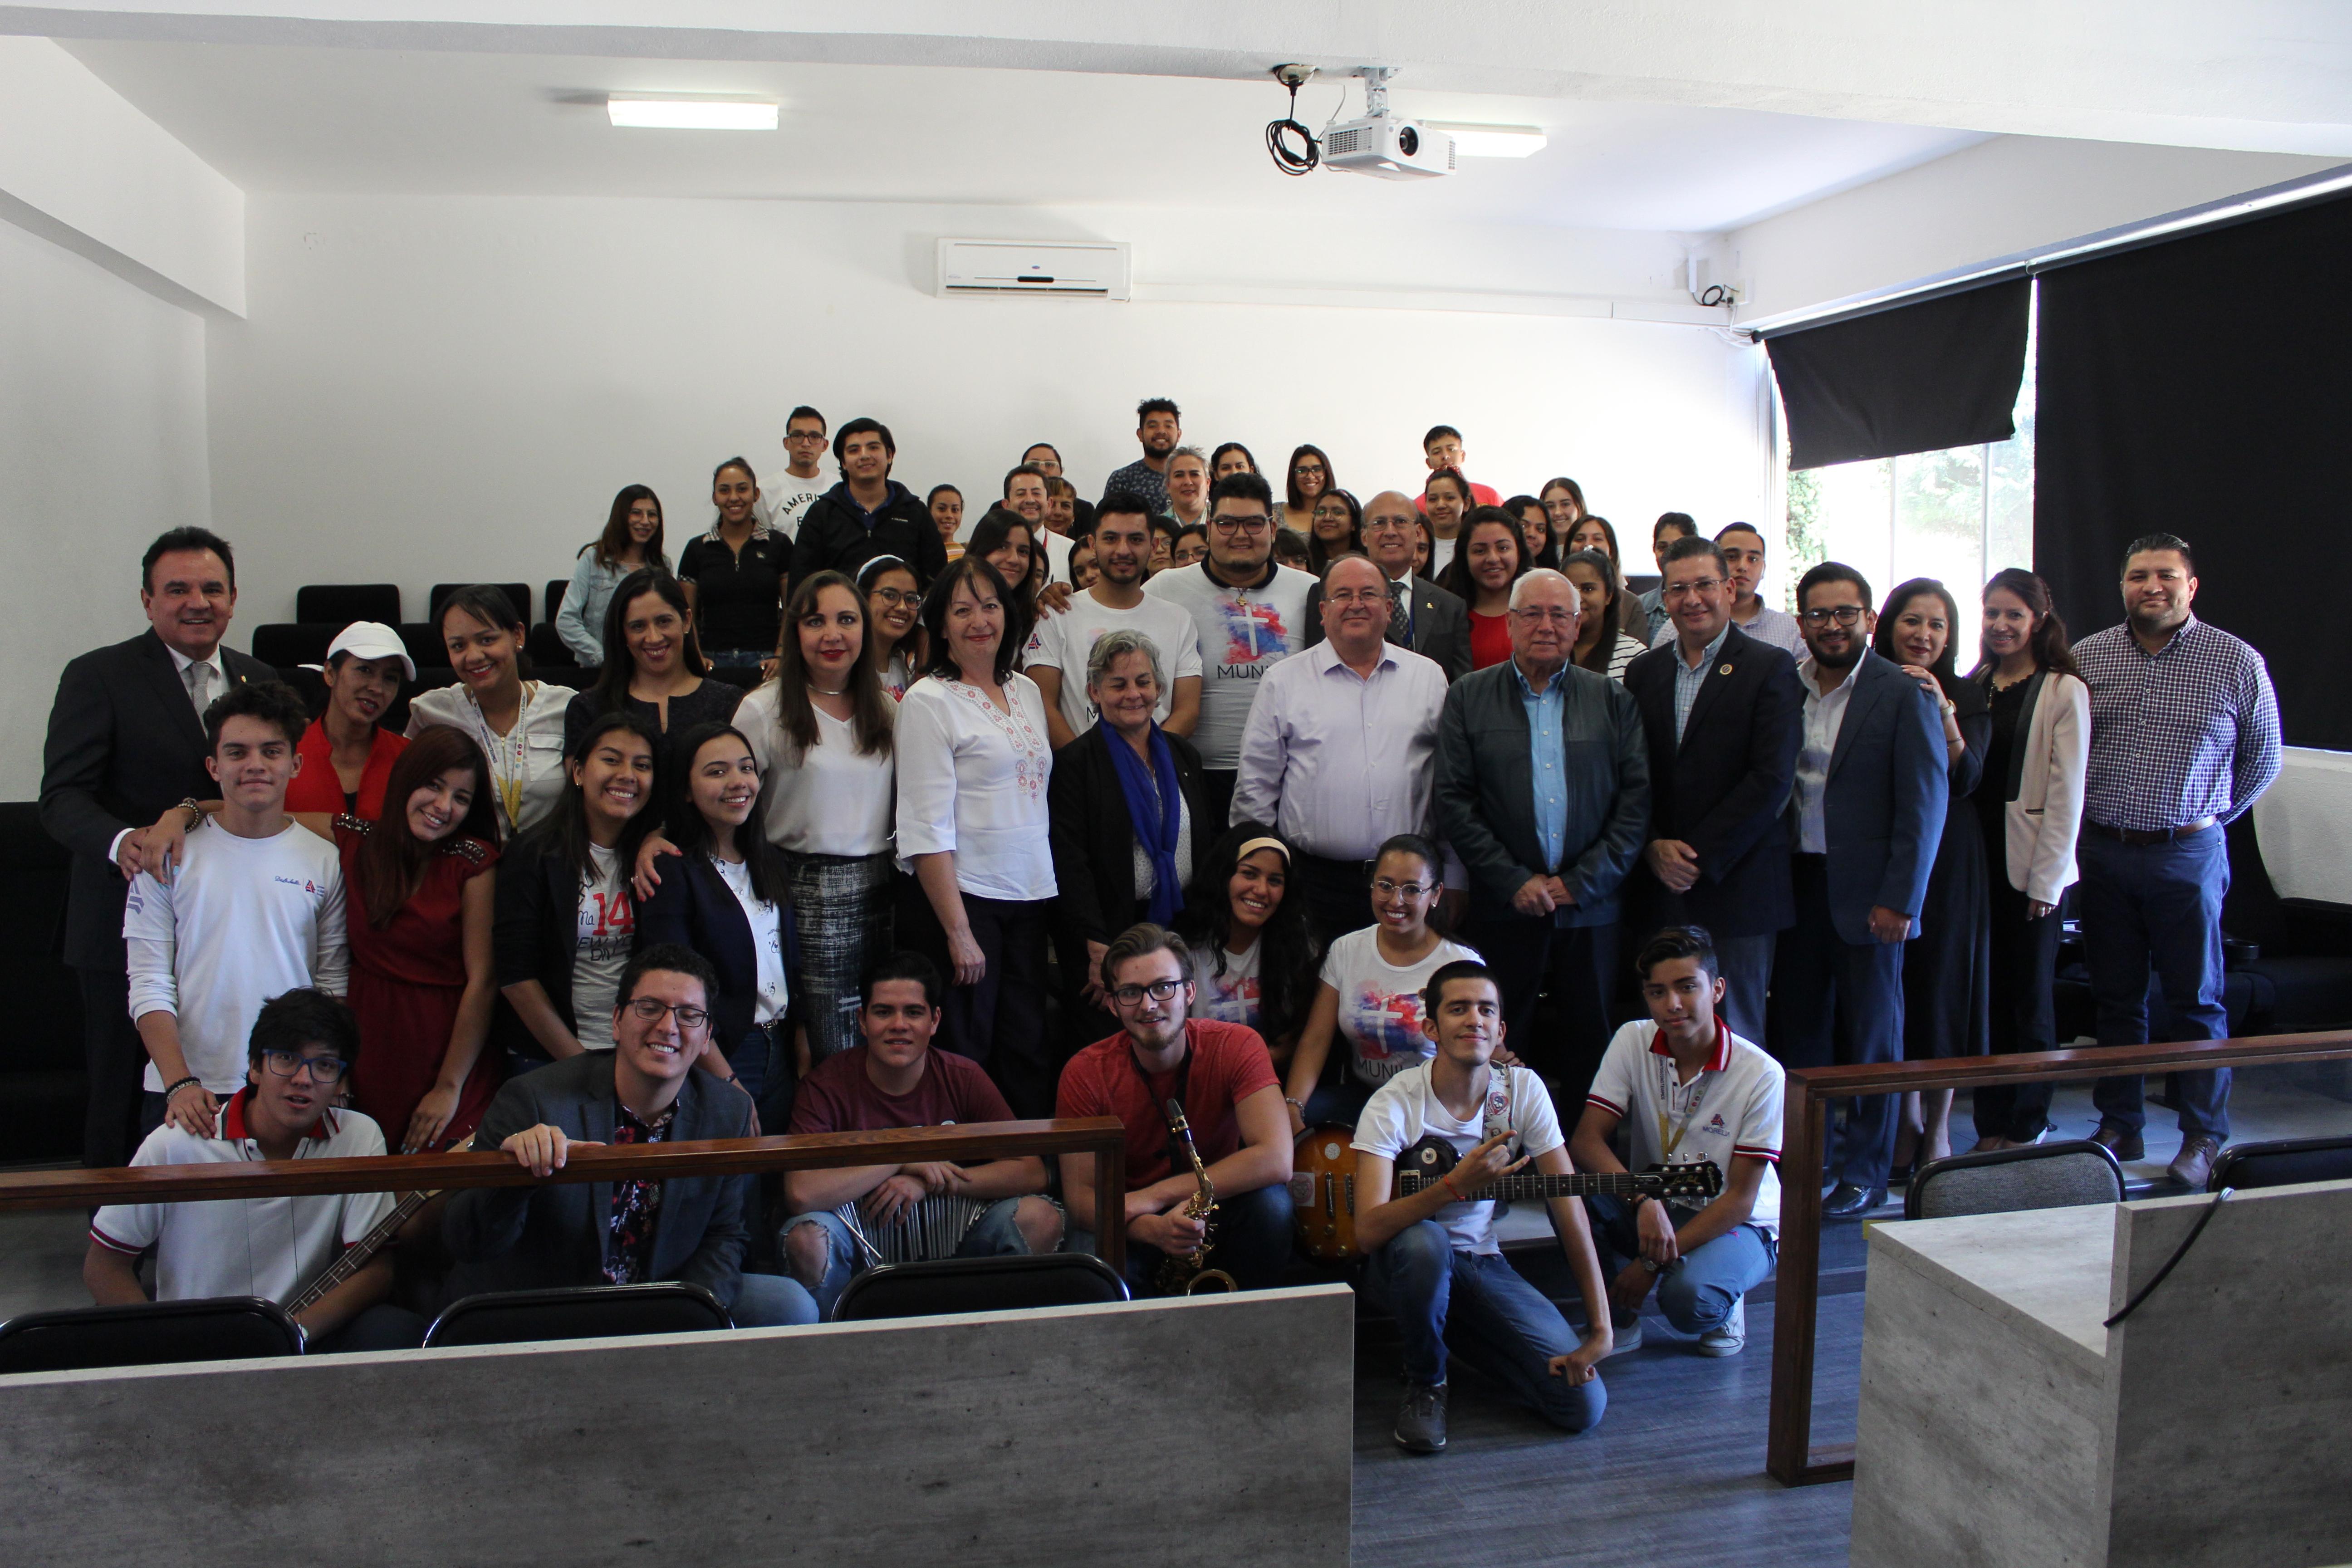 RECTORES DE LA RED LASALLISTA, SE REÚNEN CON LA COMUNIDAD DE LA UNIVERSIDAD LA SALLE MORELIA